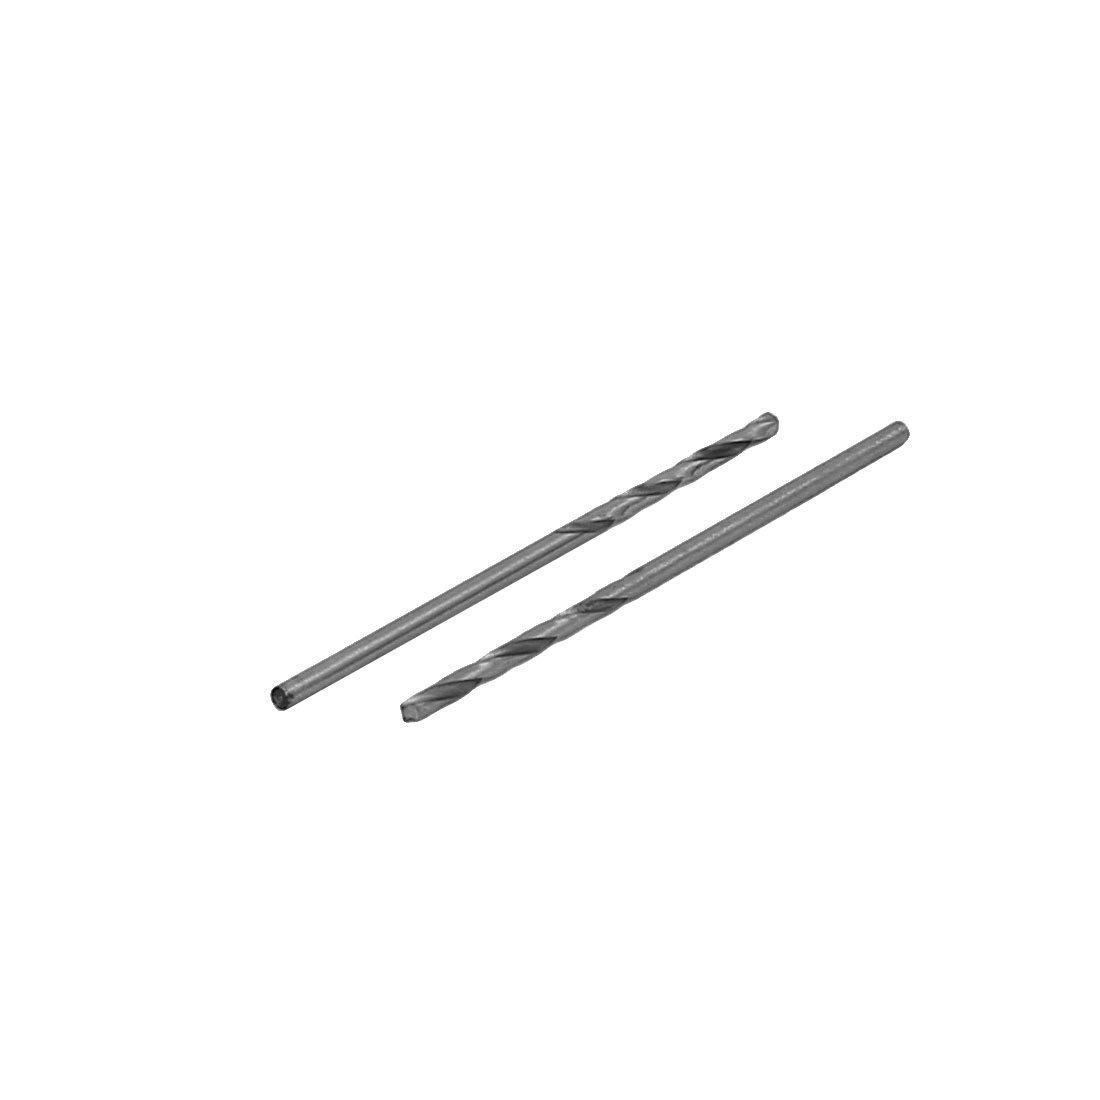 uxcell 38mm Long 1.3mm Cutting Diameter Straight Shank Twist Drill Bit Silver Tone 20pcs